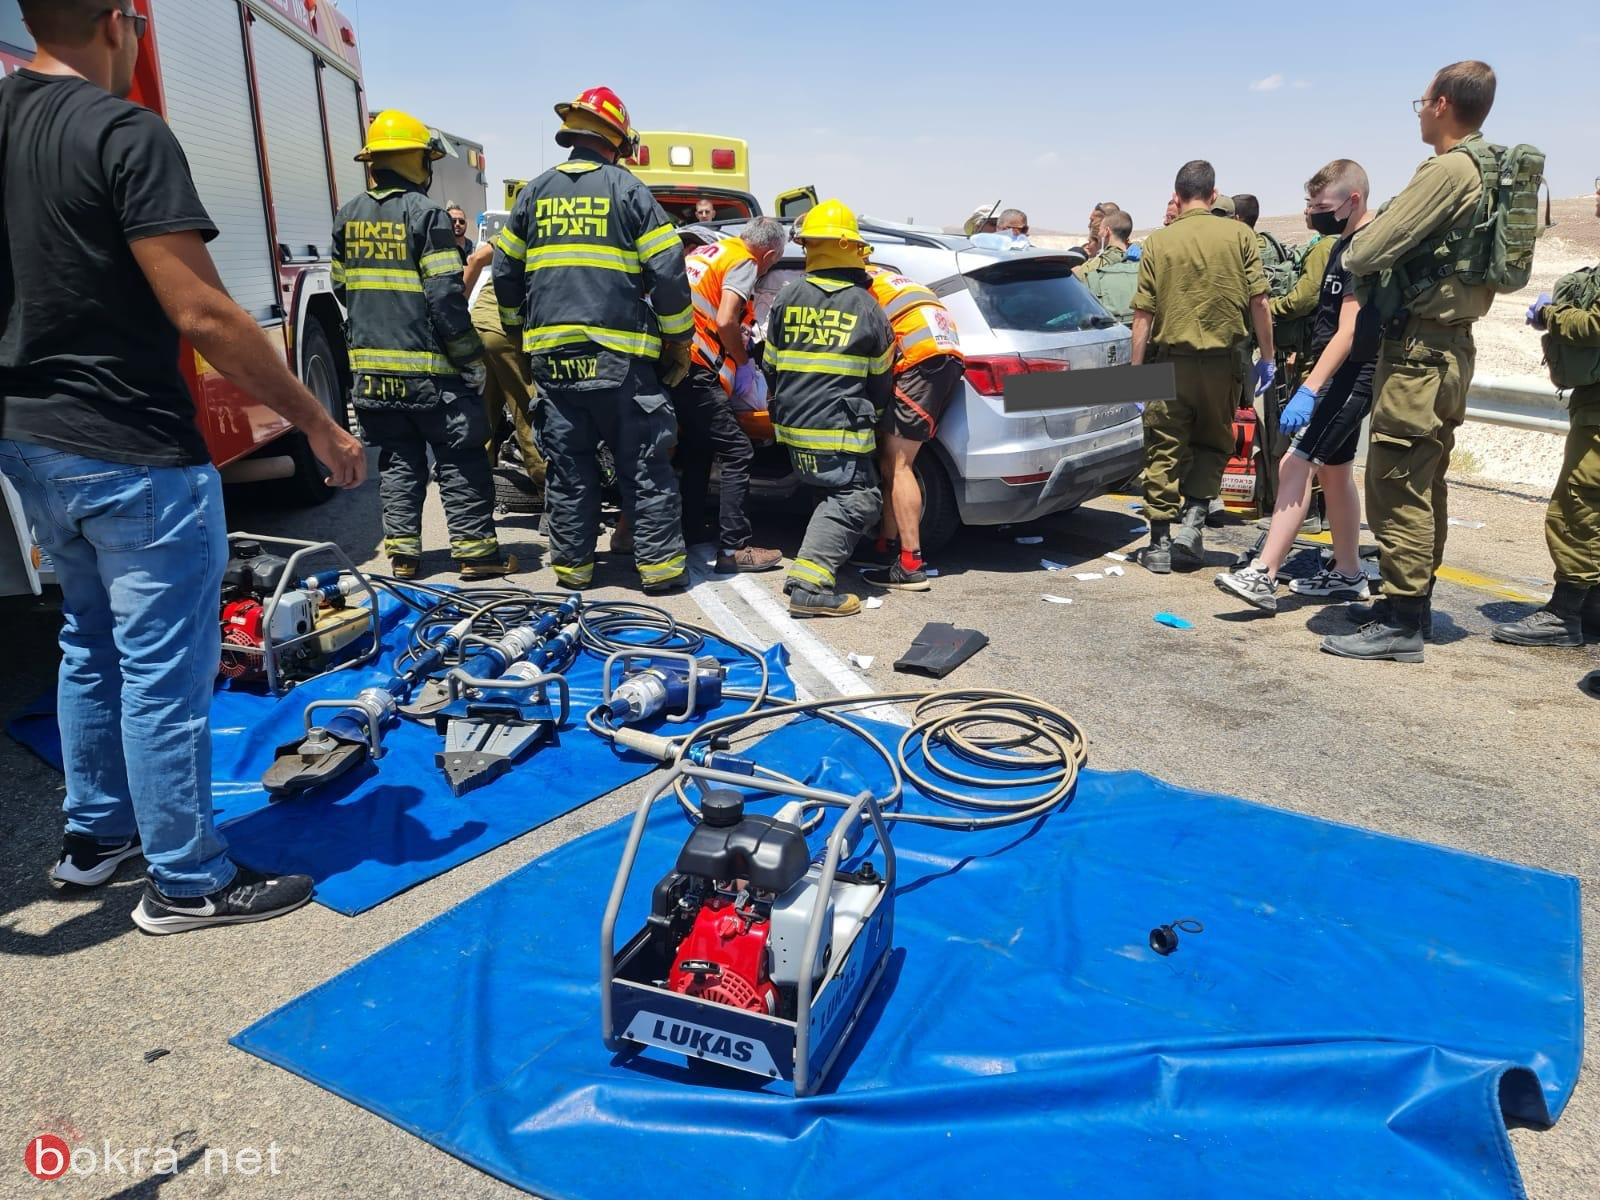 مصرع شخص واصابة 6 اشخاص في حادث طرق في العرابا-0